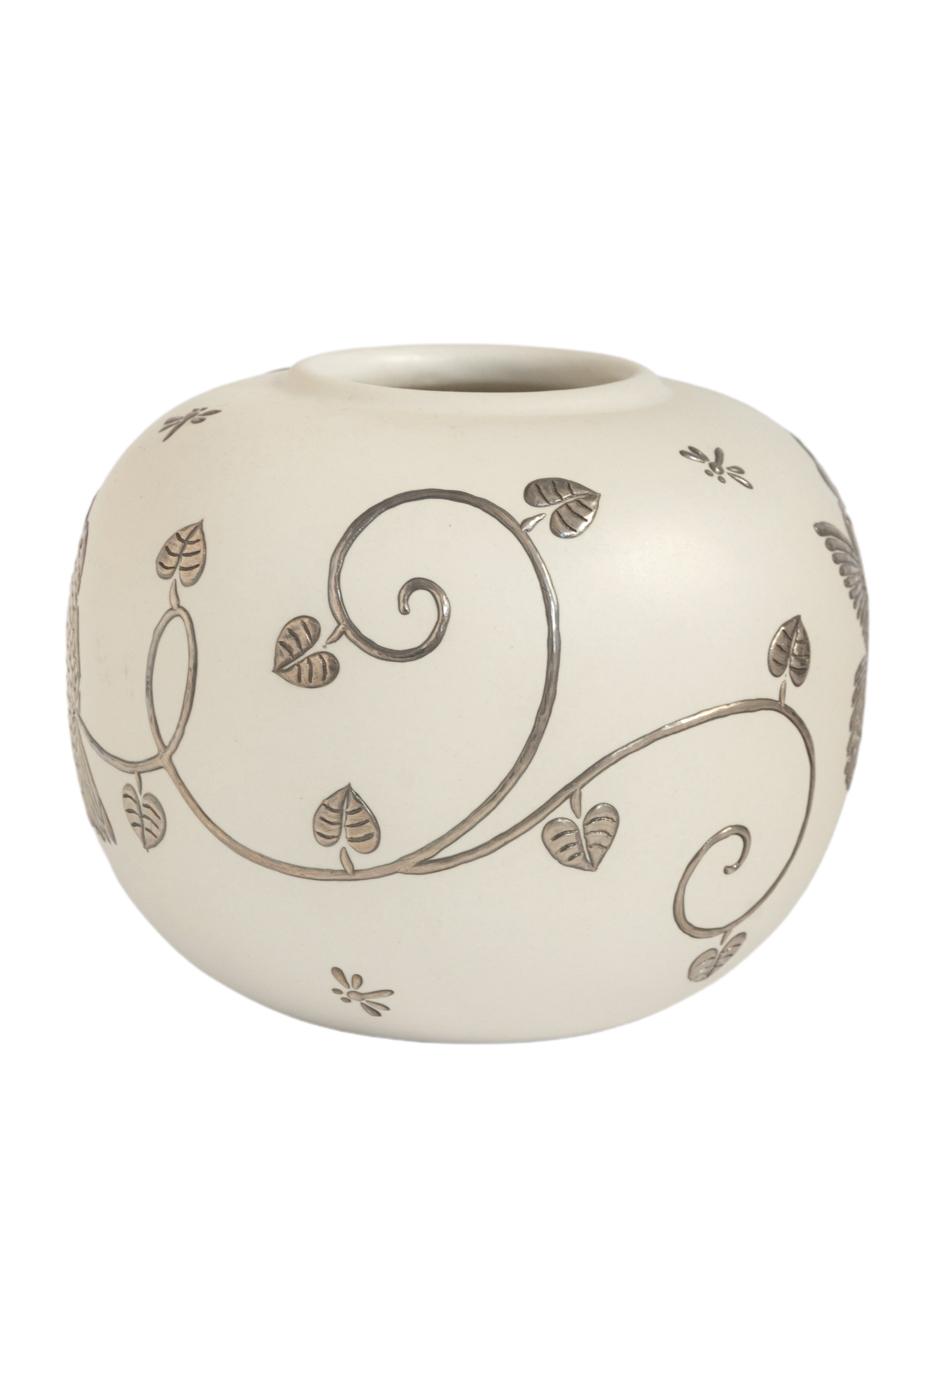 Jarrón decorativo en ceramica y plata-blanco